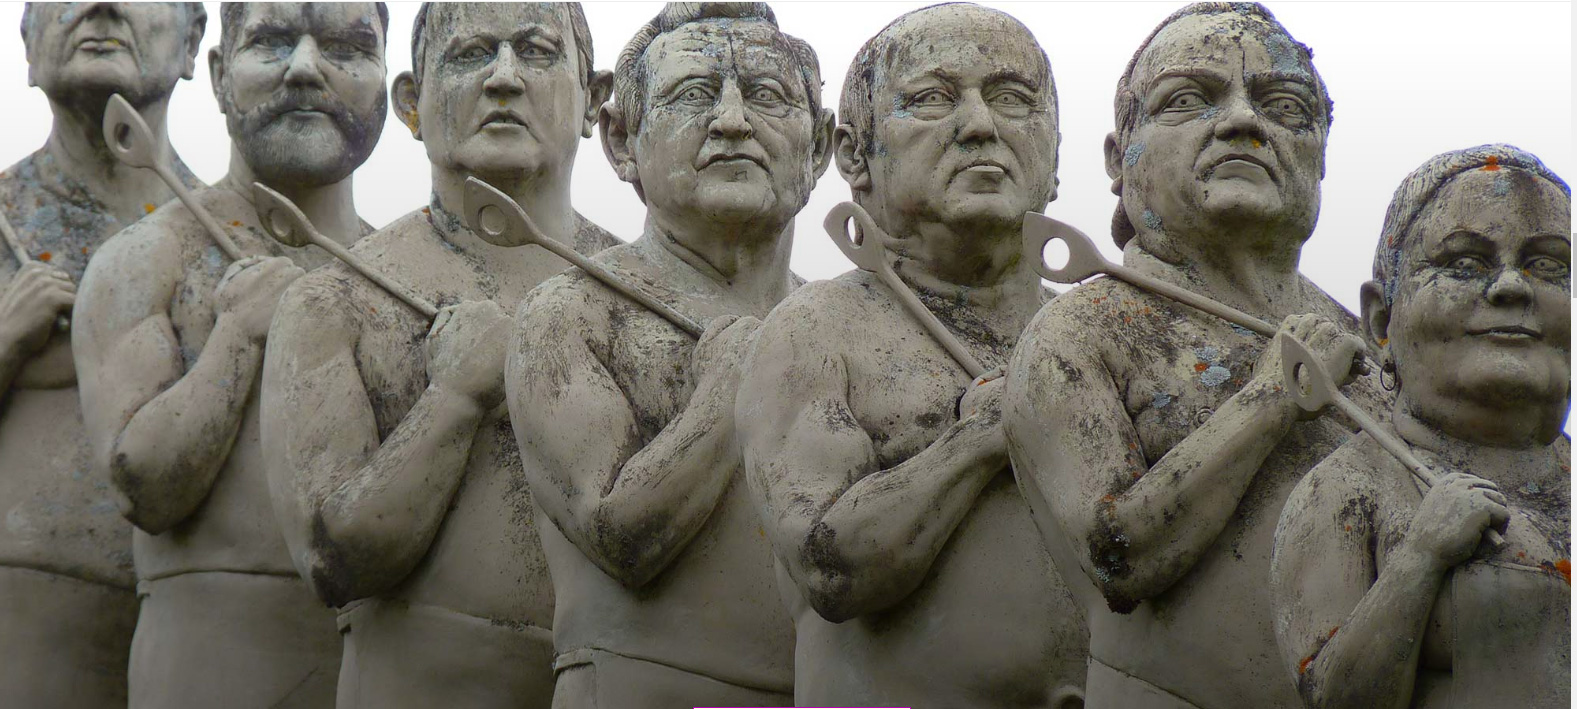 gegen-die-resignation-im-kampf-gegen-stuttgart-21-eine-rede-von-winfried-wolf-und-eine-skulptur-von-peter-lenk.